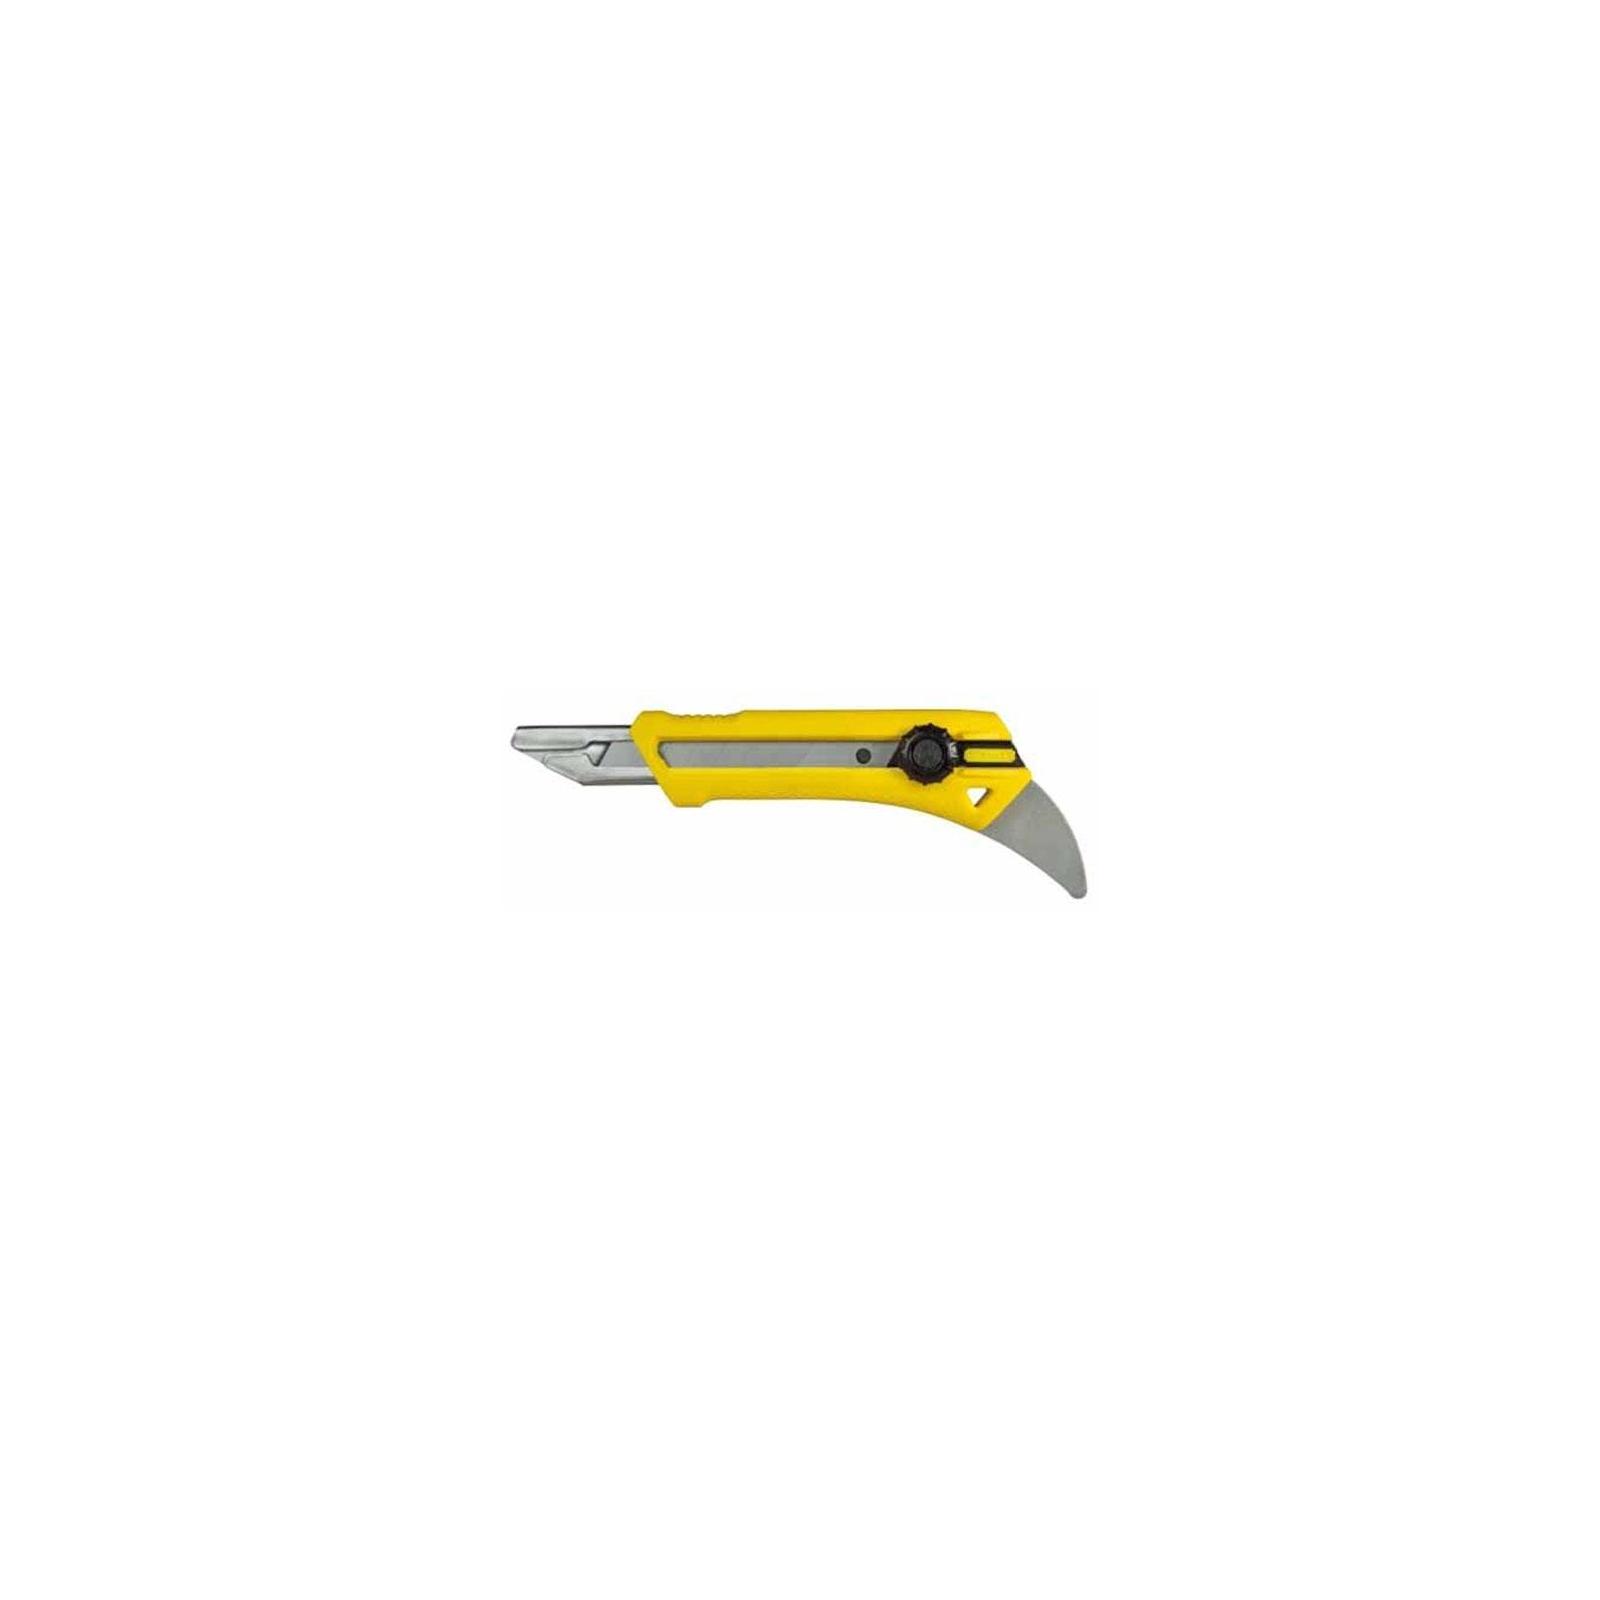 """Нож монтажный Stanley """"Instant Change"""" для ковролина, L=170мм (STHT0-10188)"""